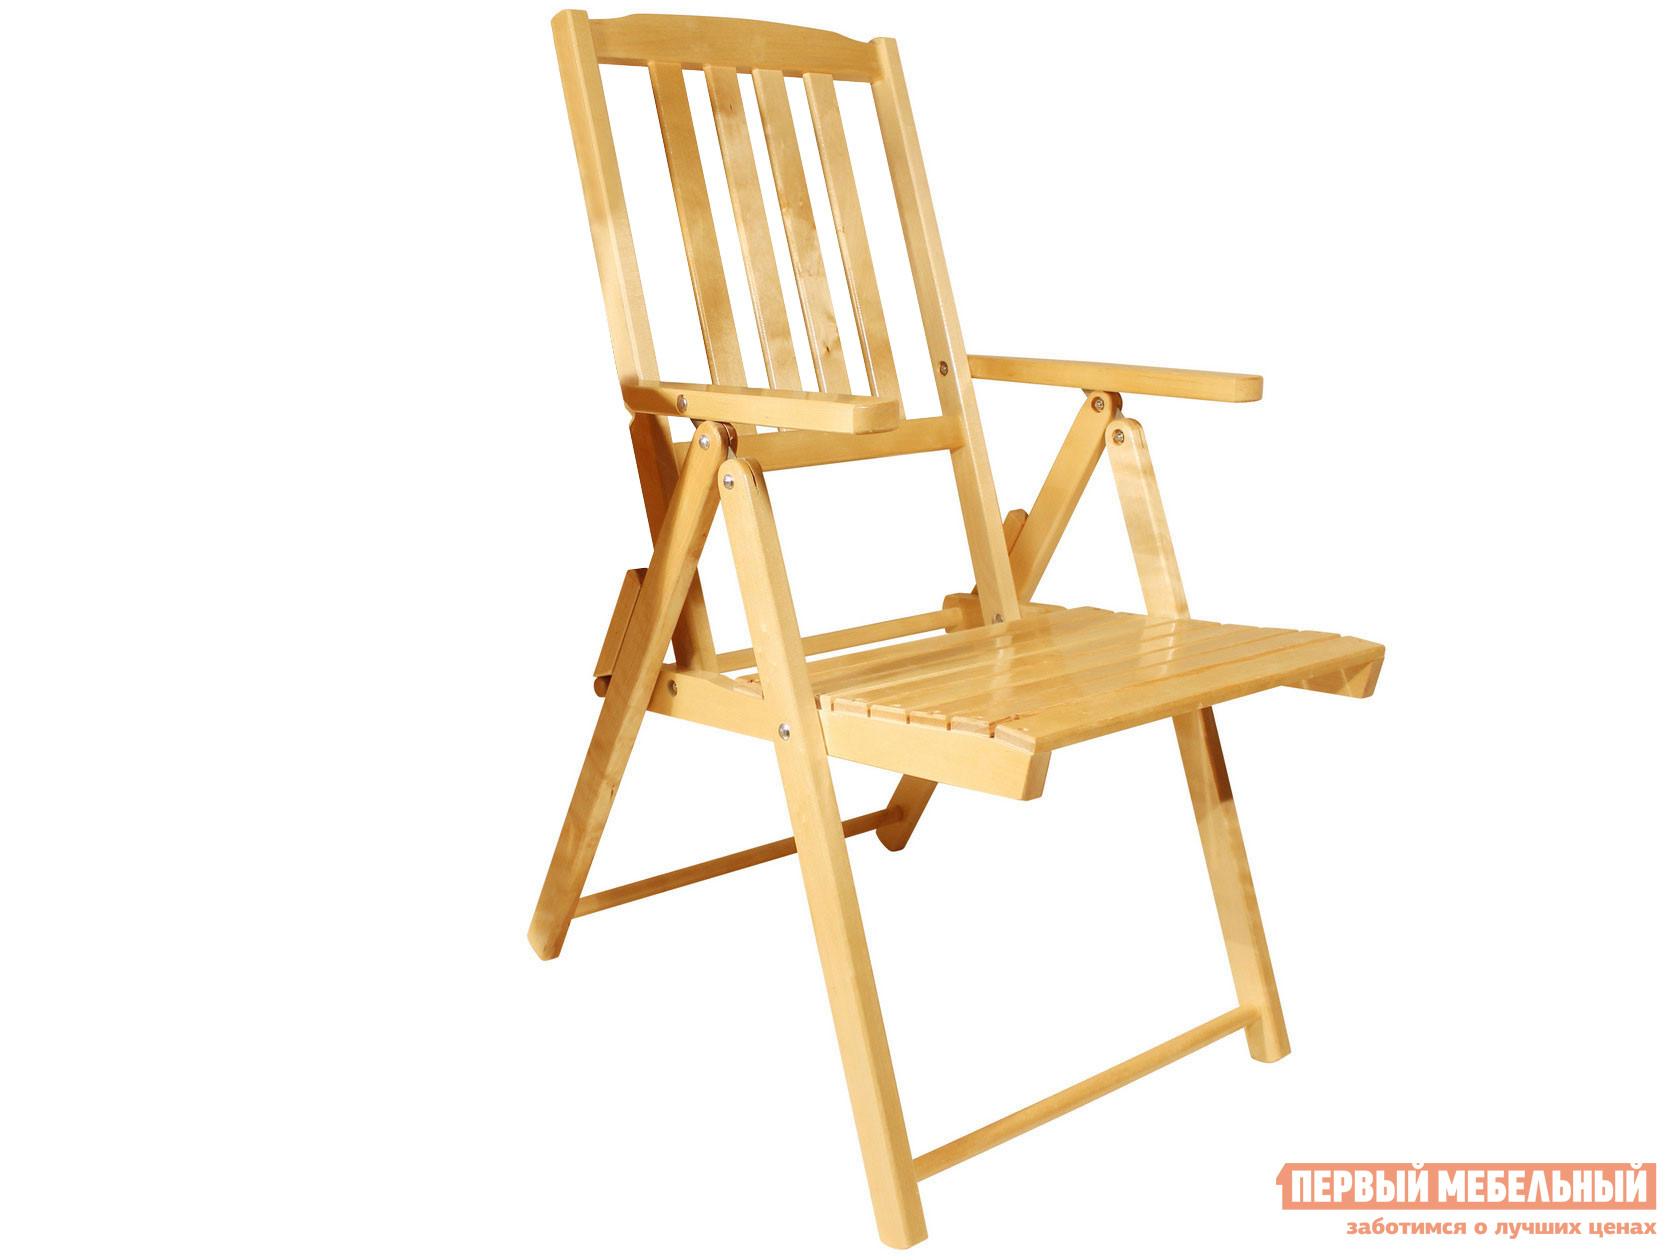 Складное садовое кресло Смолянка Комфорт СМ047Б / СМ047Бт